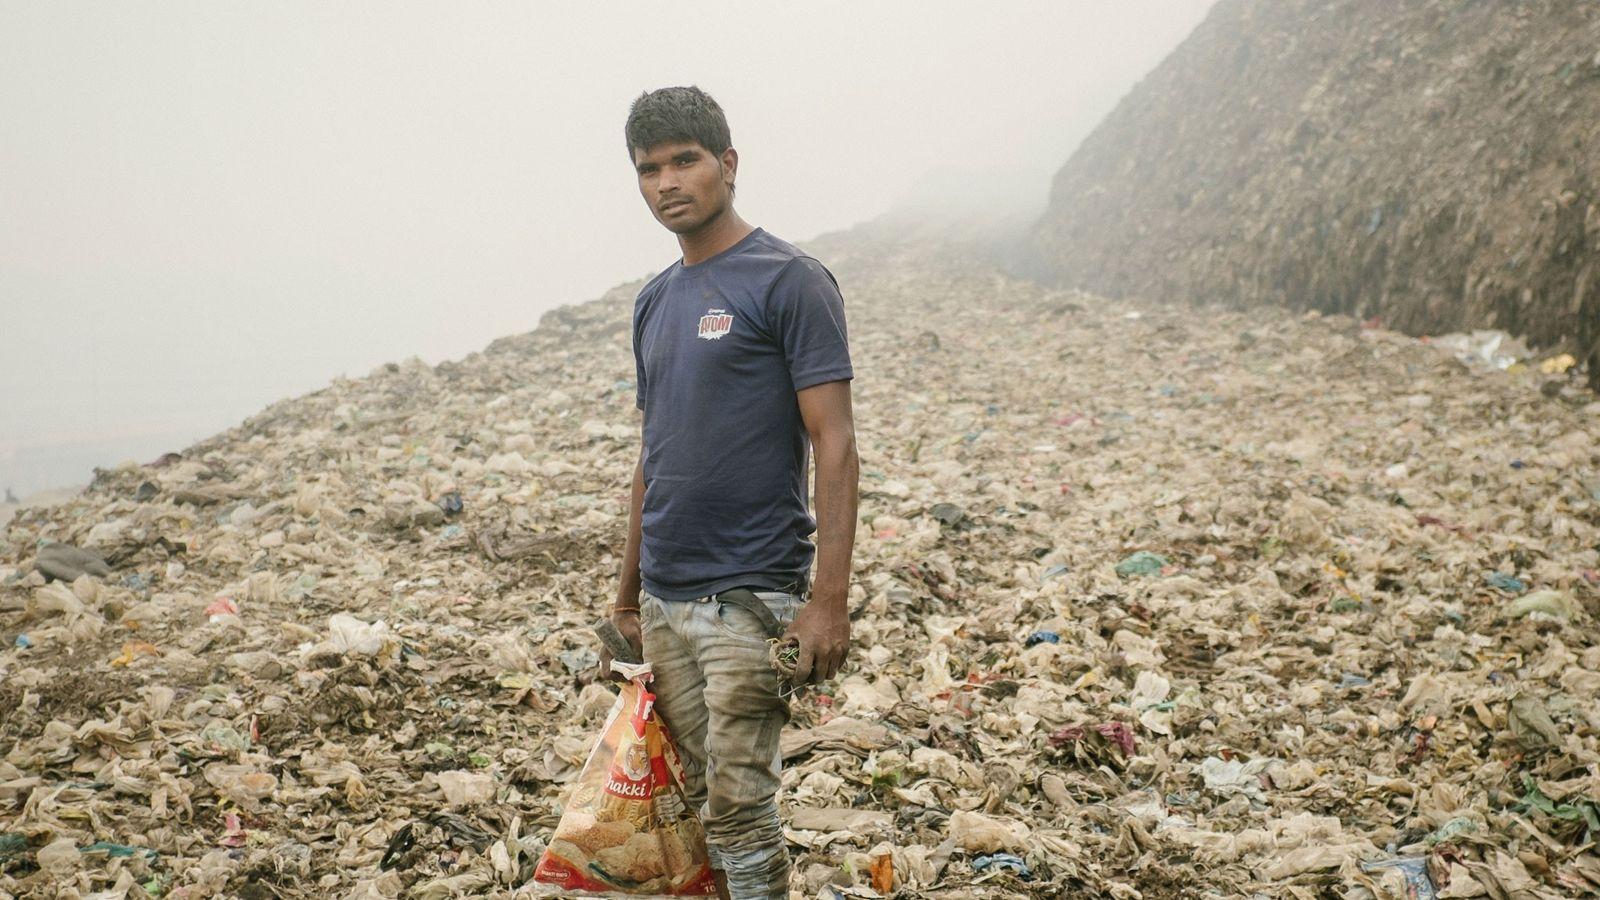 01-reciclador-delhi-poluicao